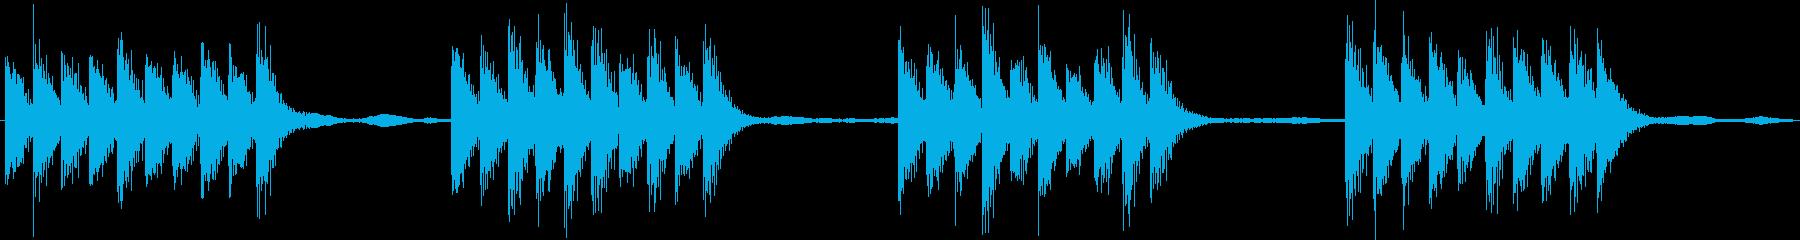 スマホなどの着信音に。シンプルでクール。の再生済みの波形